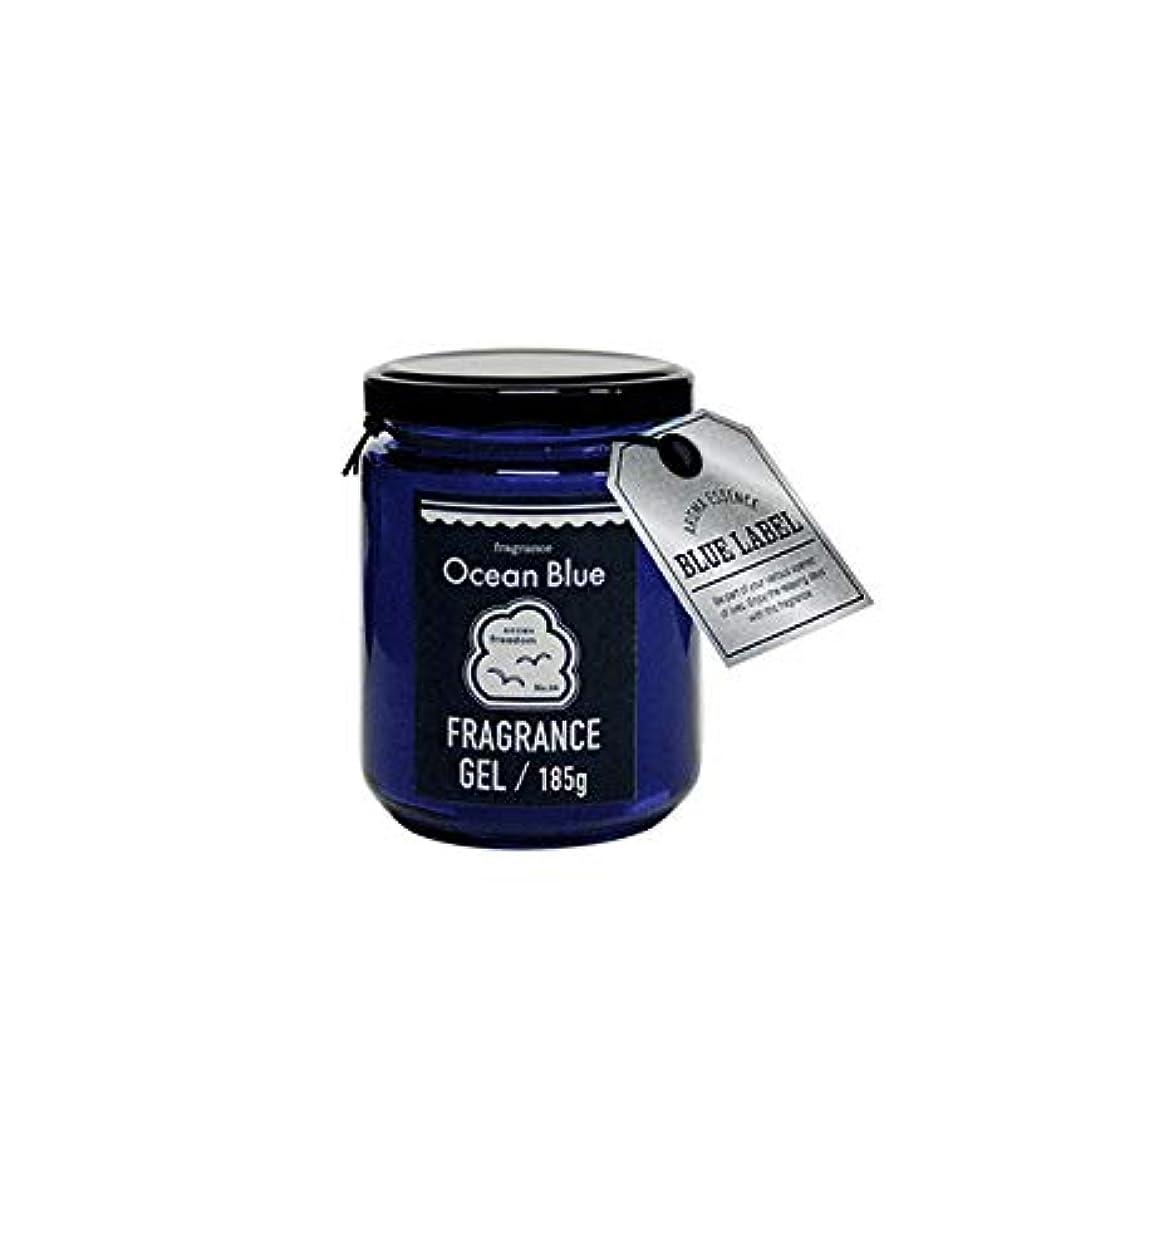 メドレー深い決済ブルーラベル ブルー フレグランスジェル185g オーシャンブルー(ルームフレグランス 約1-2ヶ月 海の爽快な香り)